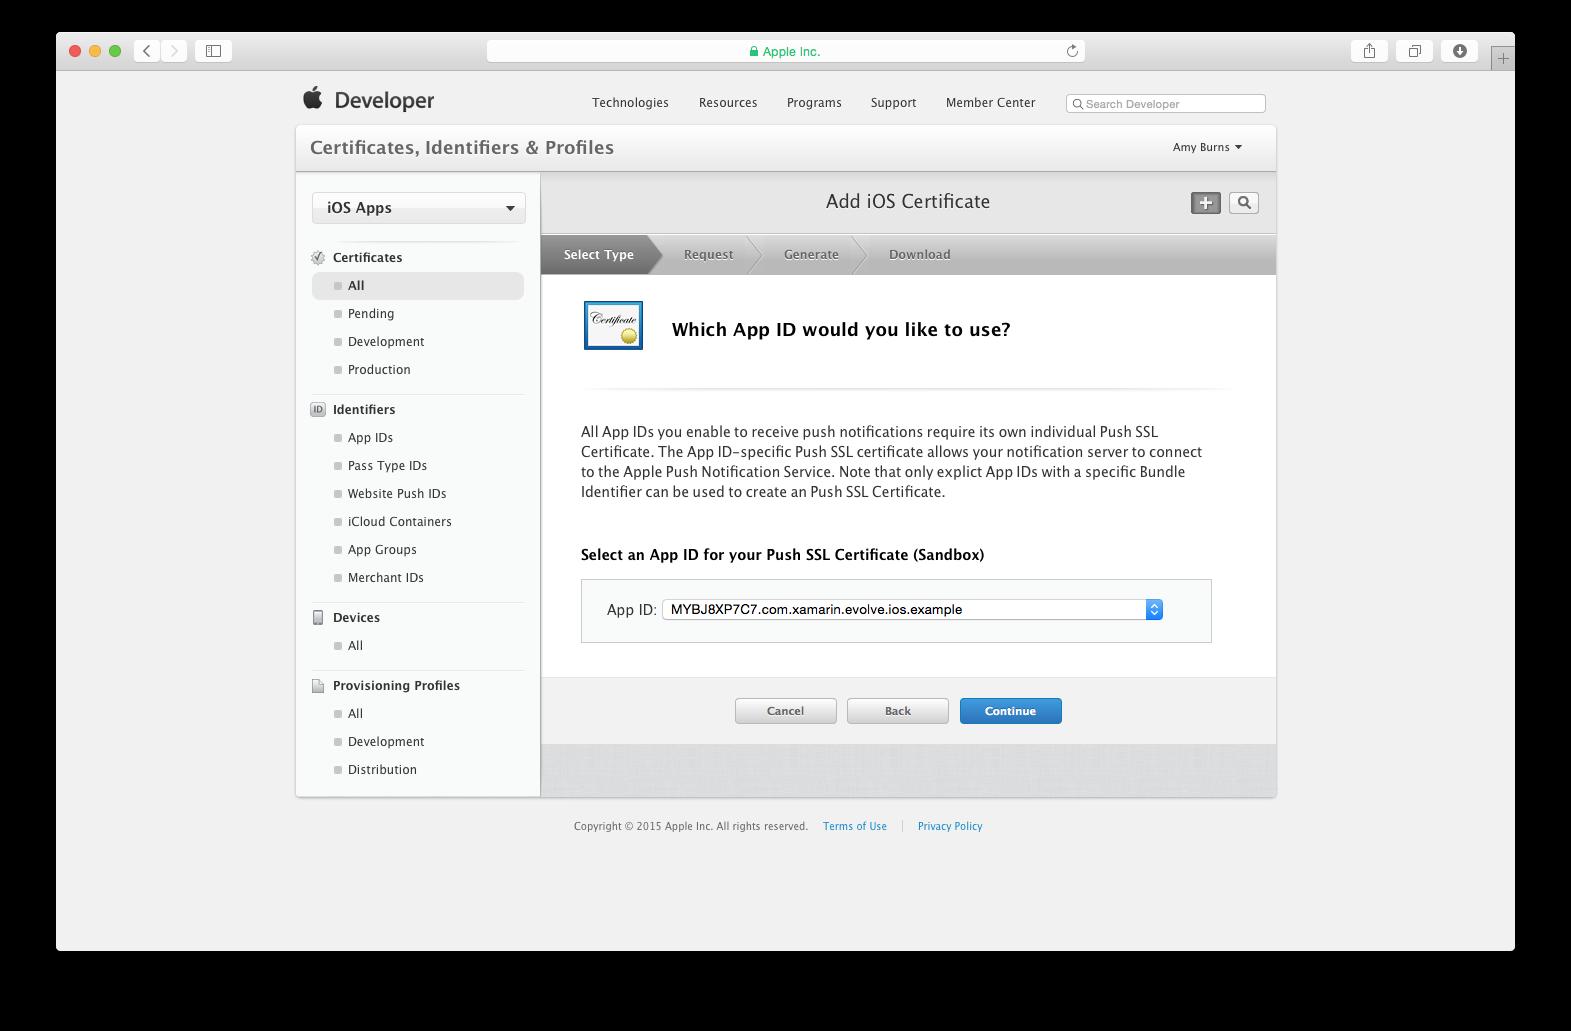 Notificações por push no iOS - Xamarin | Microsoft Docs